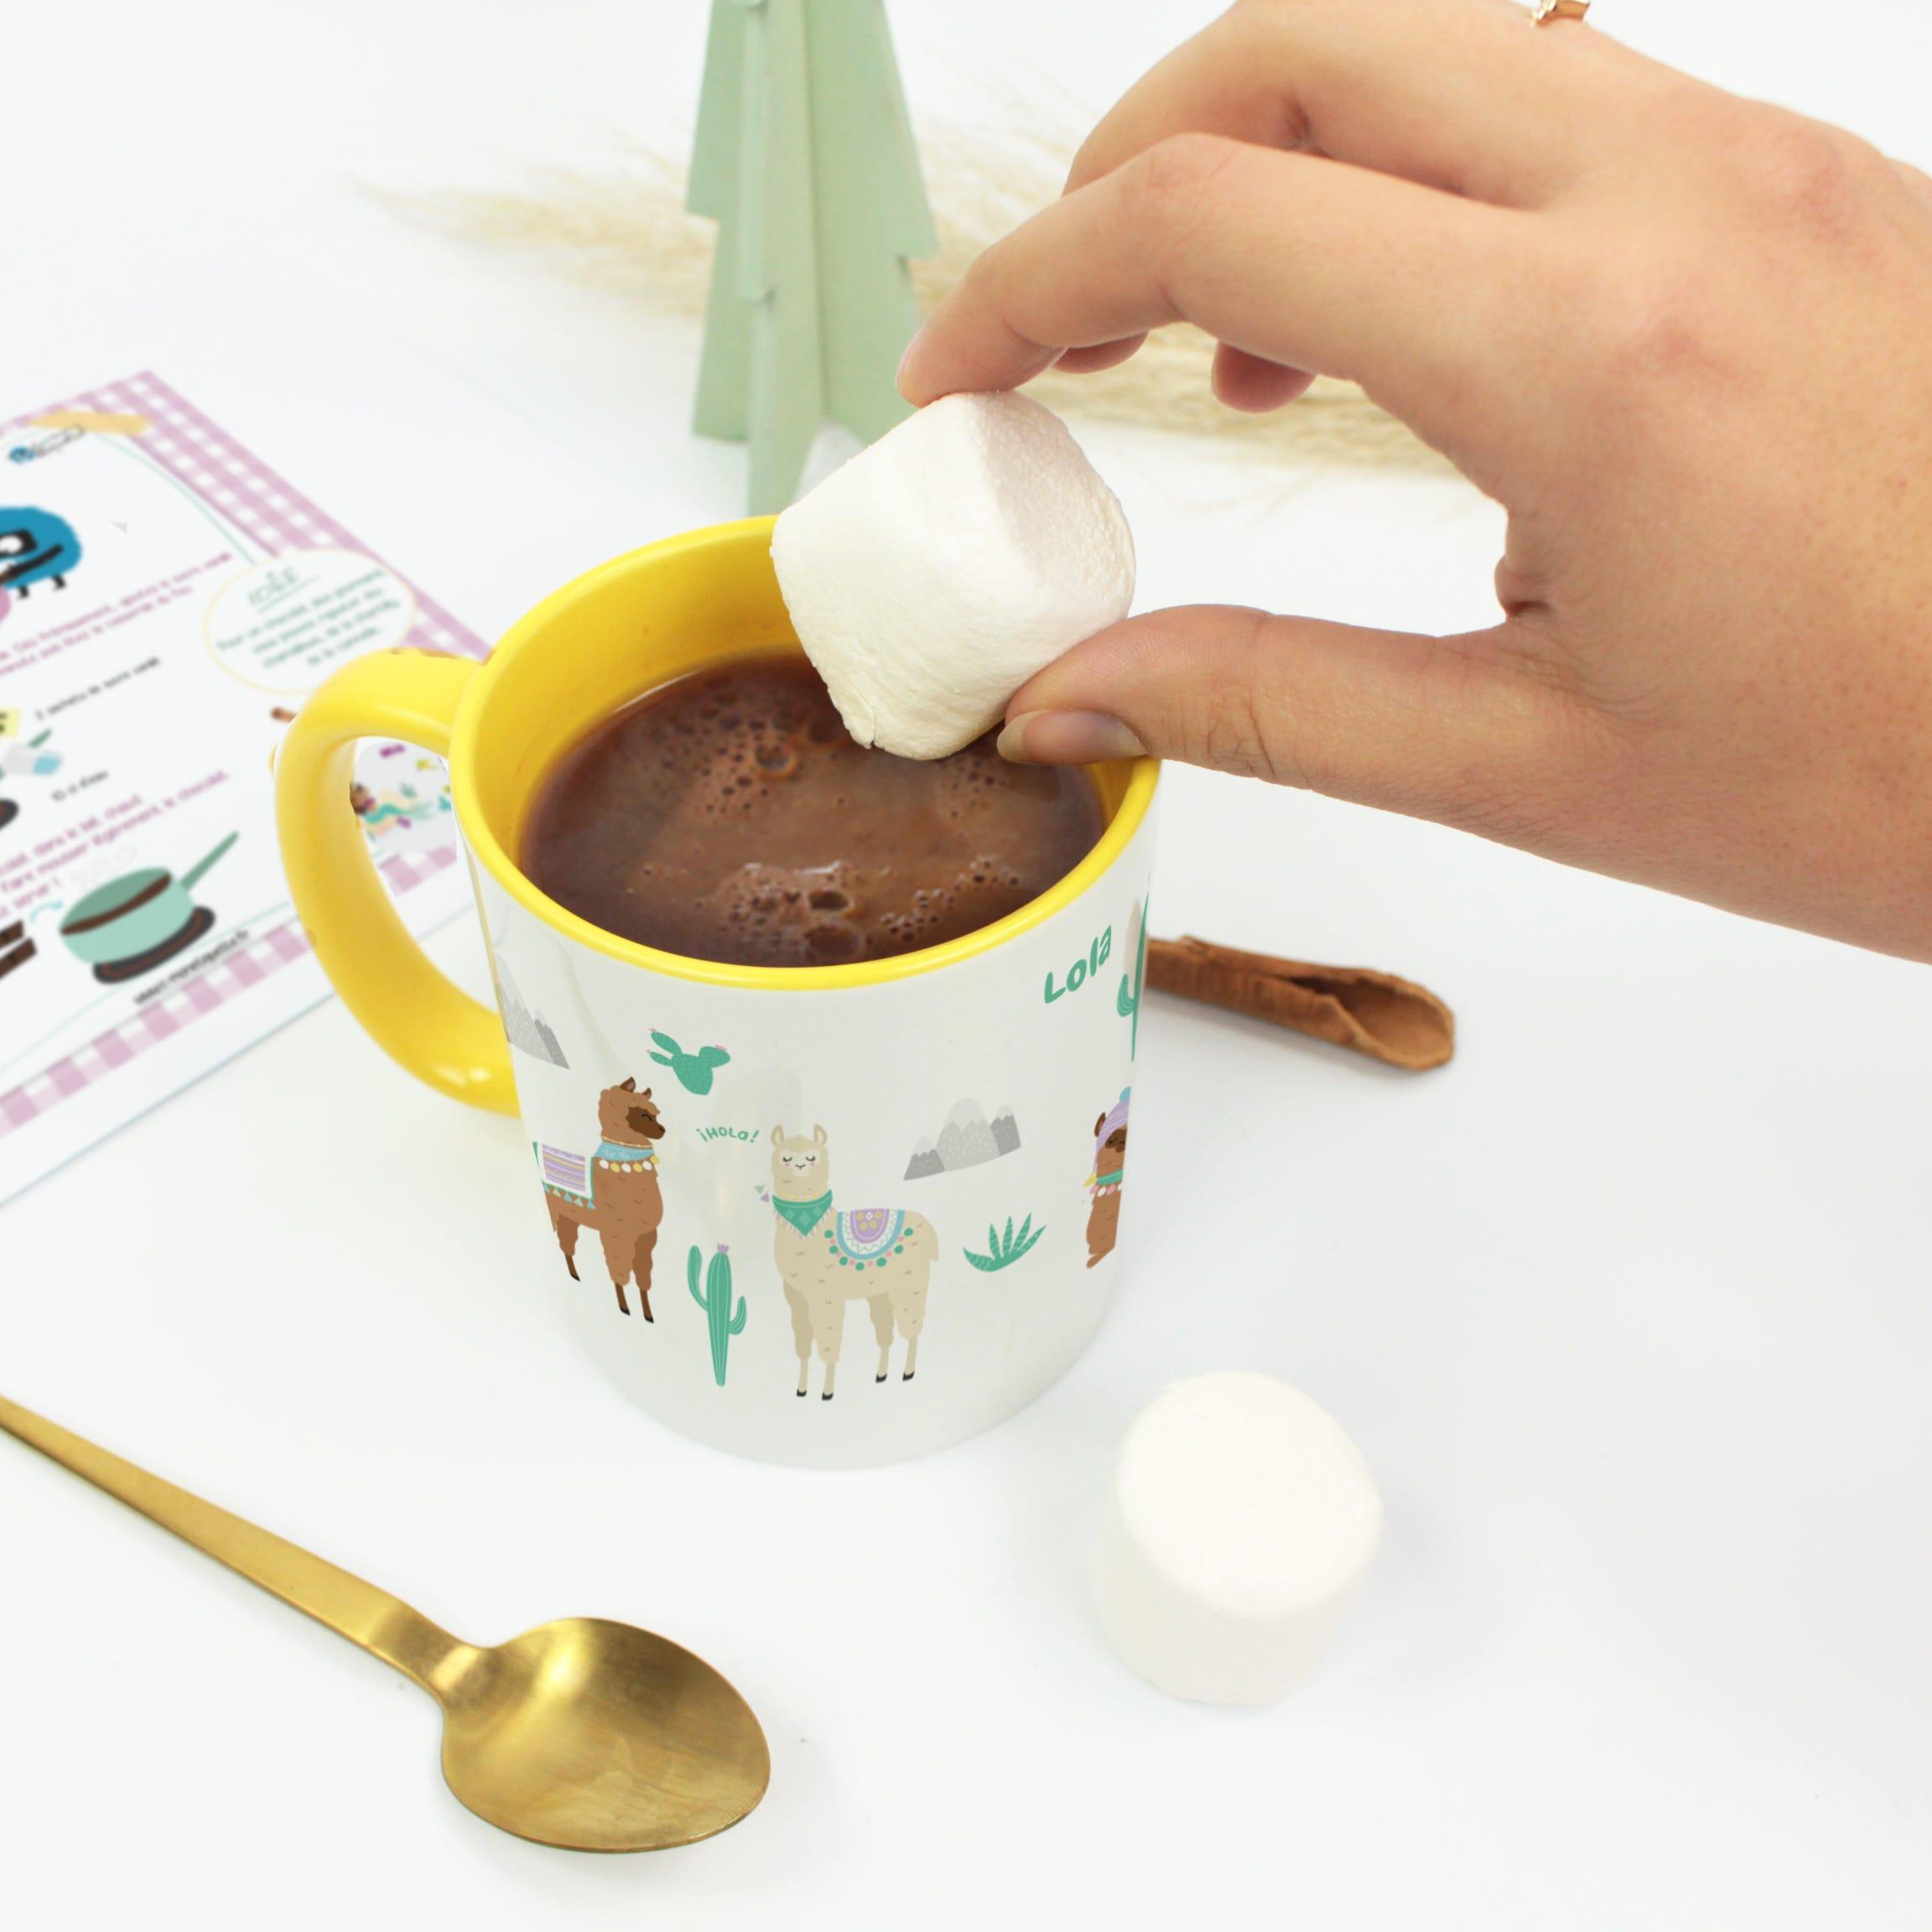 ¡Vuelva a la infancia y disfruta de un chocolate caliente casero!